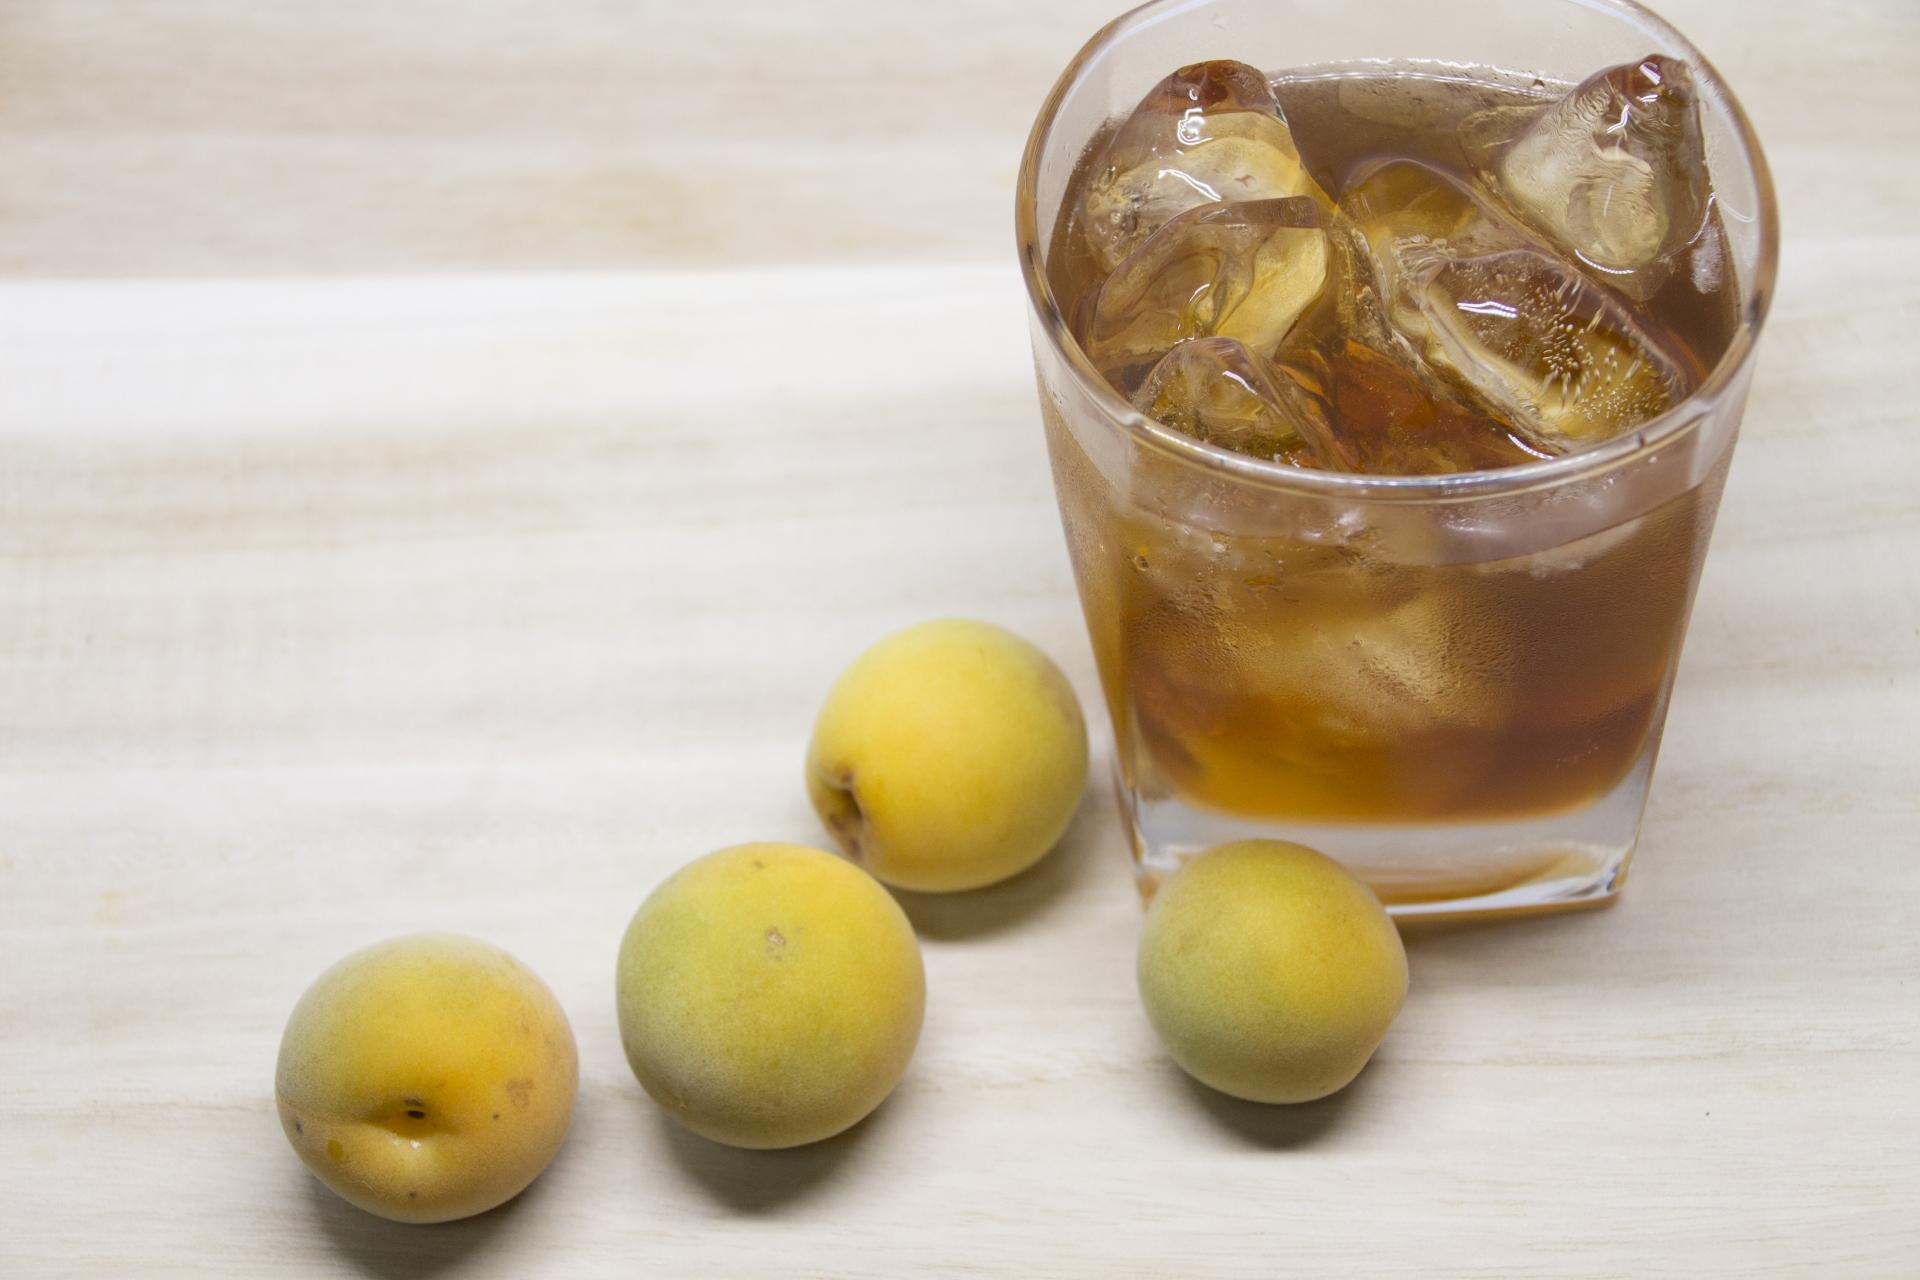 美味しい梅酒ランキング!プレゼントに人気のものやおすすめの飲み方もご紹介!